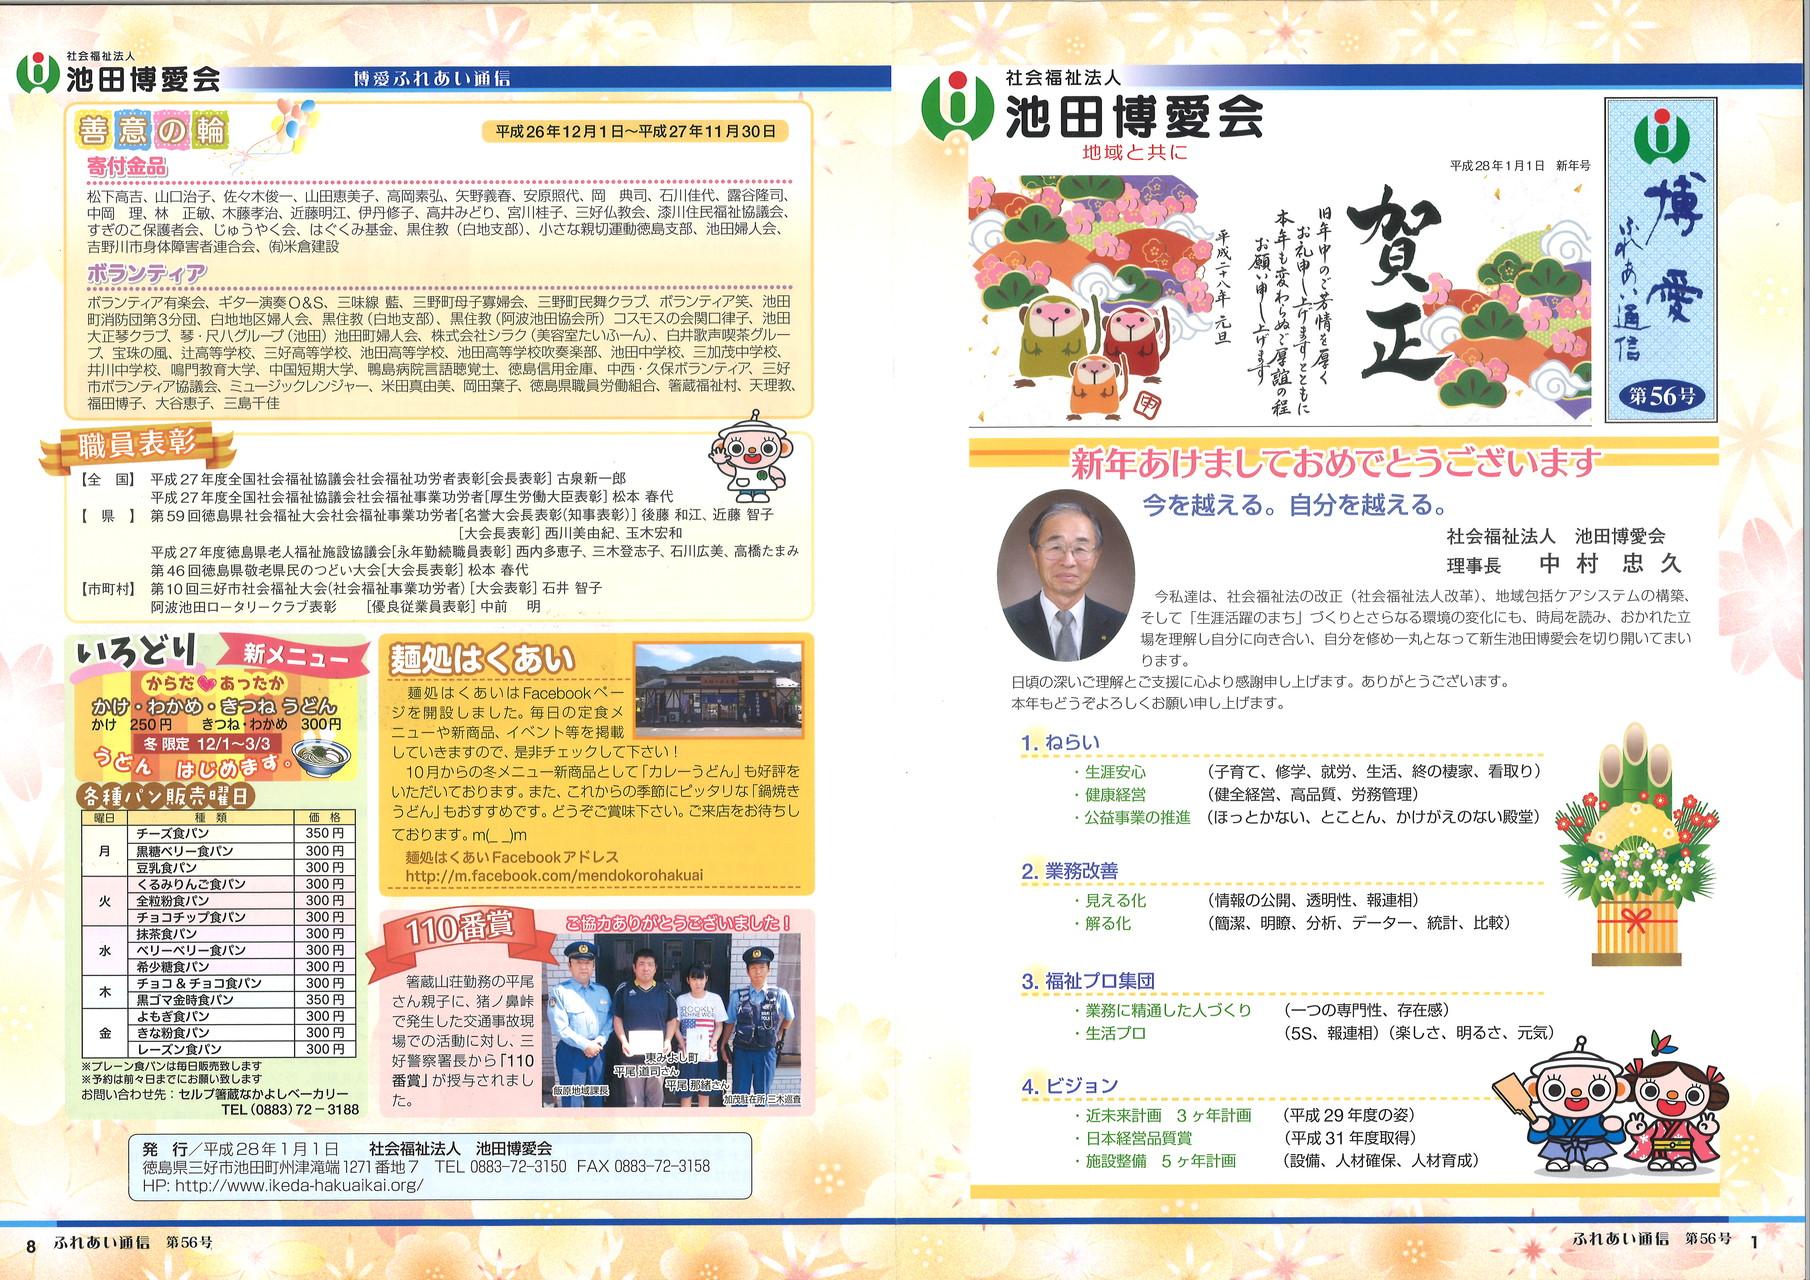 ふれあい通信第56号(28.1.1発刊)